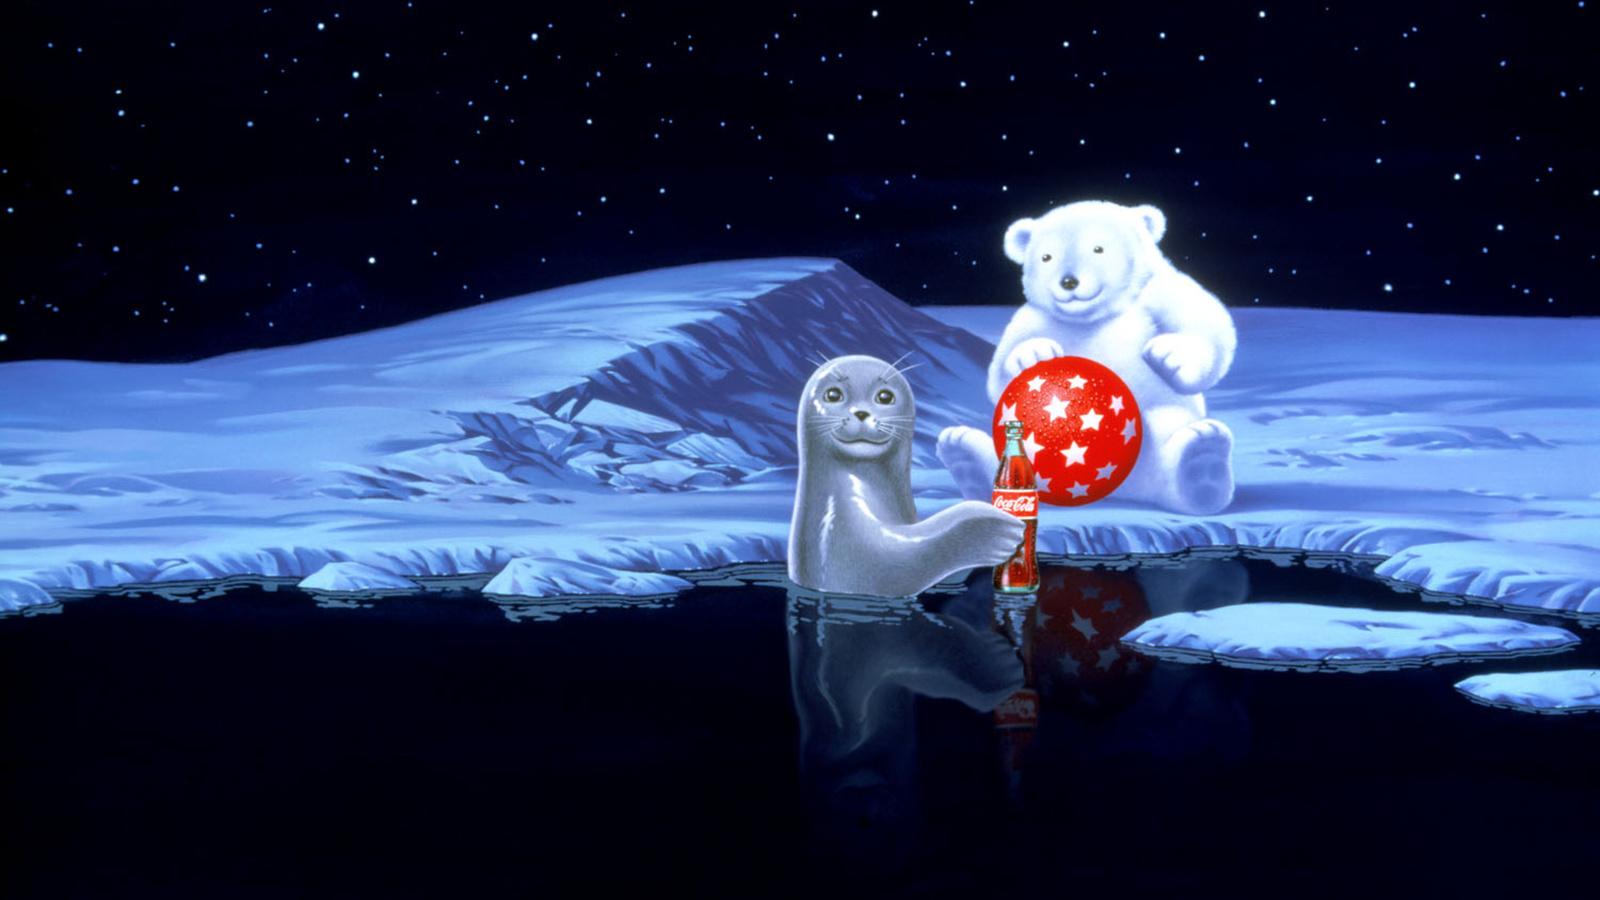 http://www.nastol.com.ua/pic/201205/1600x900/nastol.com.ua-22708.jpg